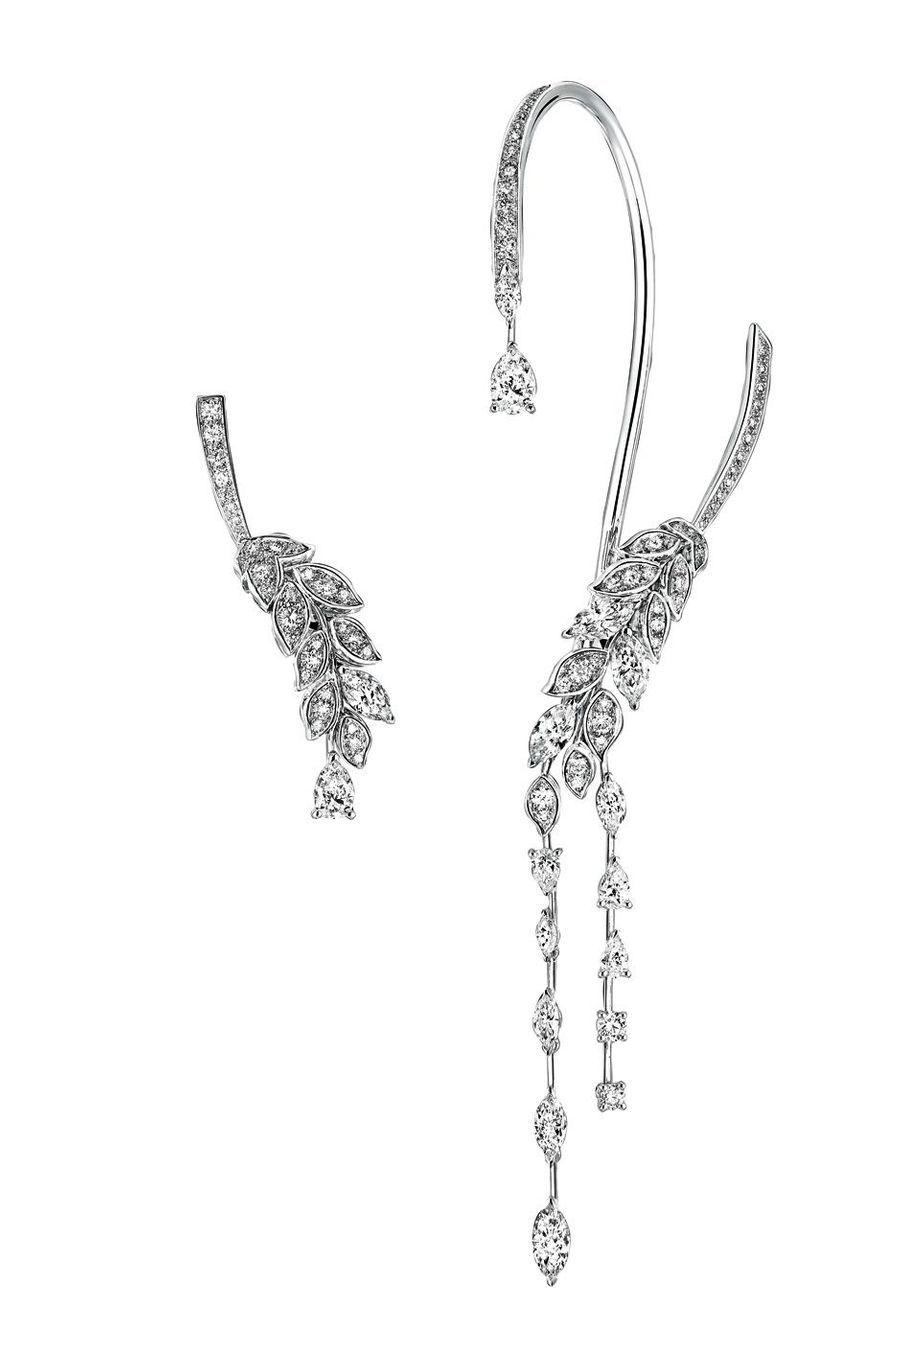 Chanel joaillerie Les Blés, Brins de Diamants en or blanc et diamants.